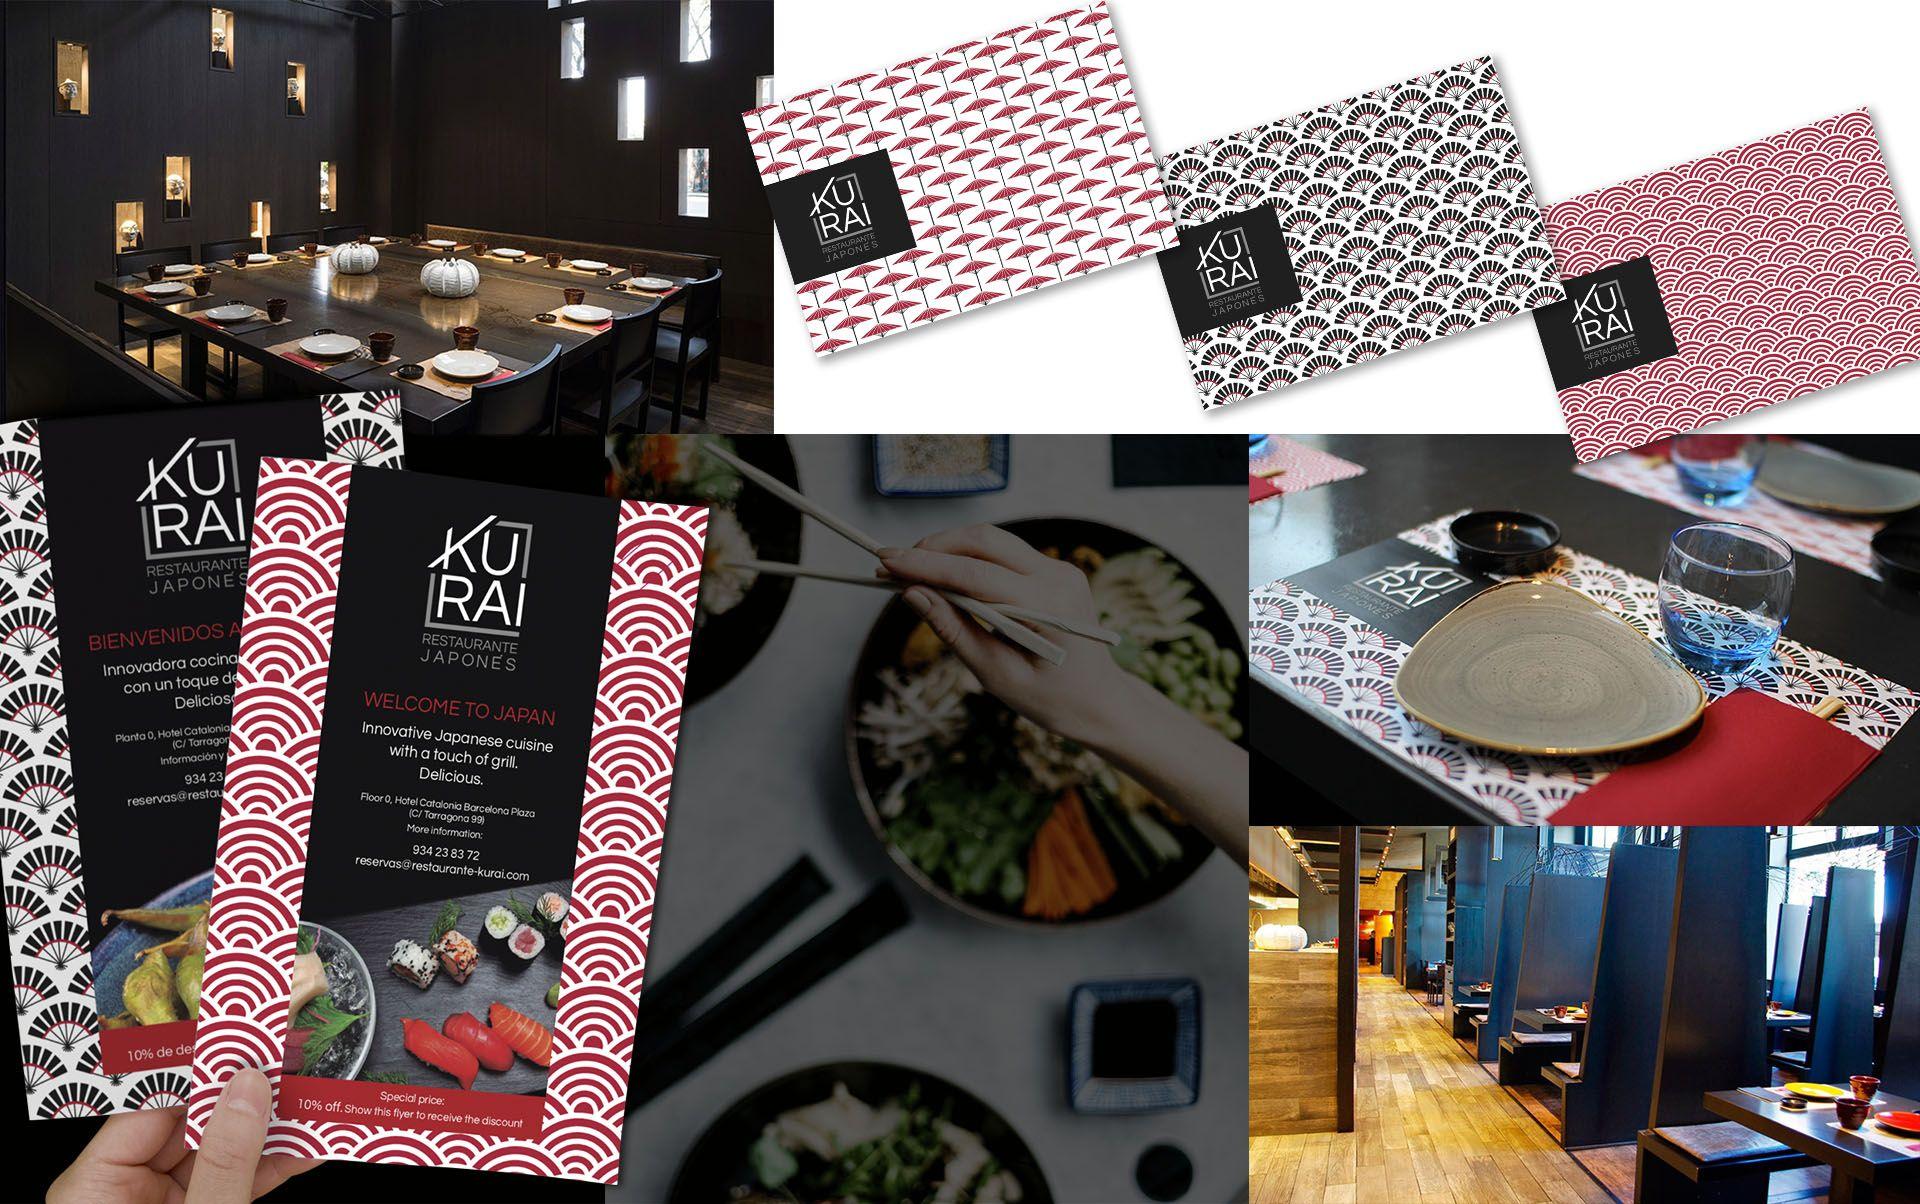 03 Marca para restaurante Japones - Creación de branding para restaurante